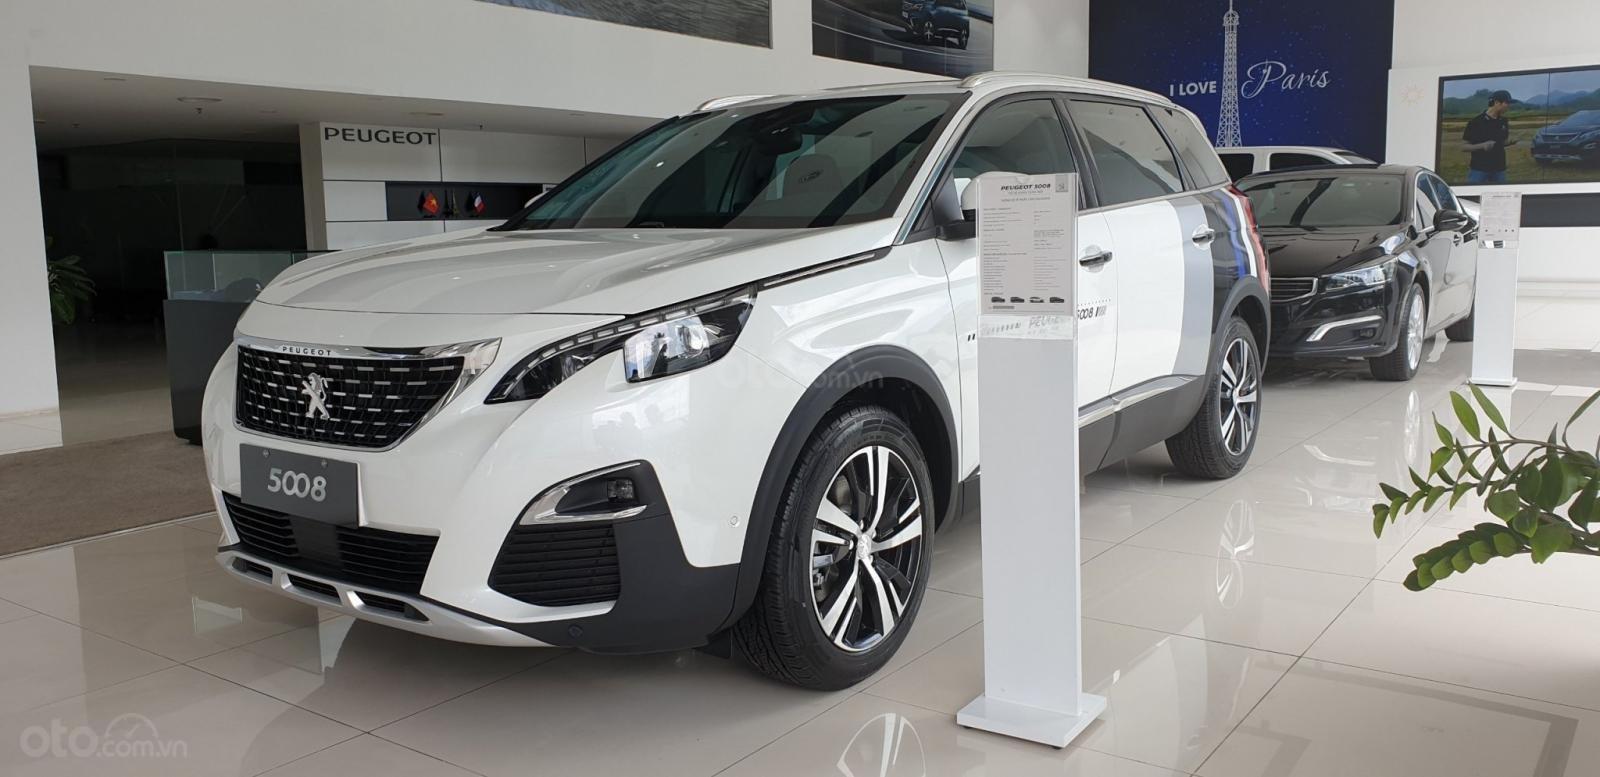 Peugeot Thanh Xuân - Peugeot 5008 giá tốt nhất thị trường + bảo hành chính hãng lên tới 5 năm-0